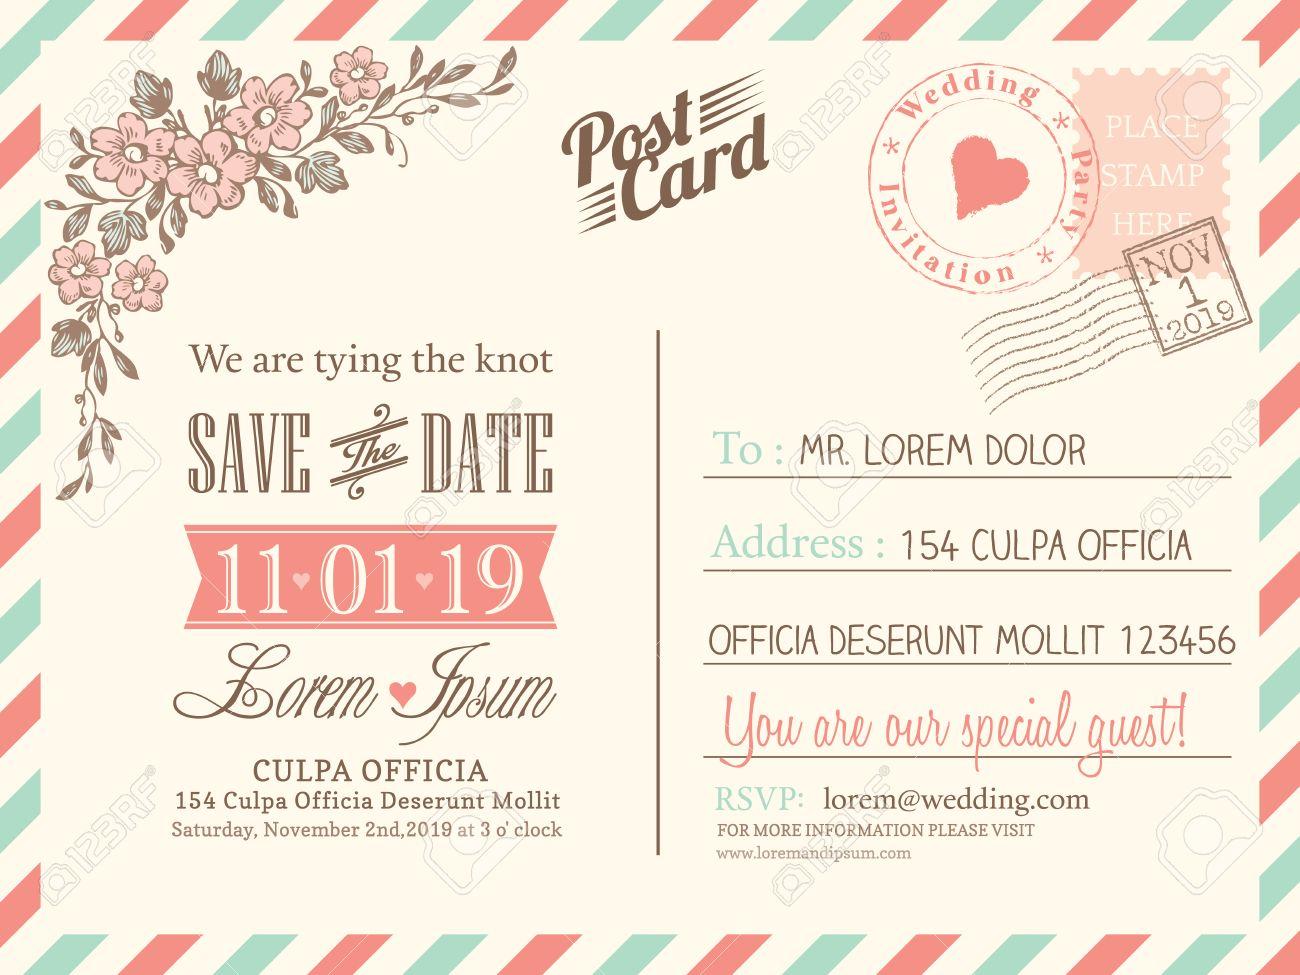 Einladung: Vintage Postkarte Hintergrund Vektor Vorlage Für  Hochzeitseinladung